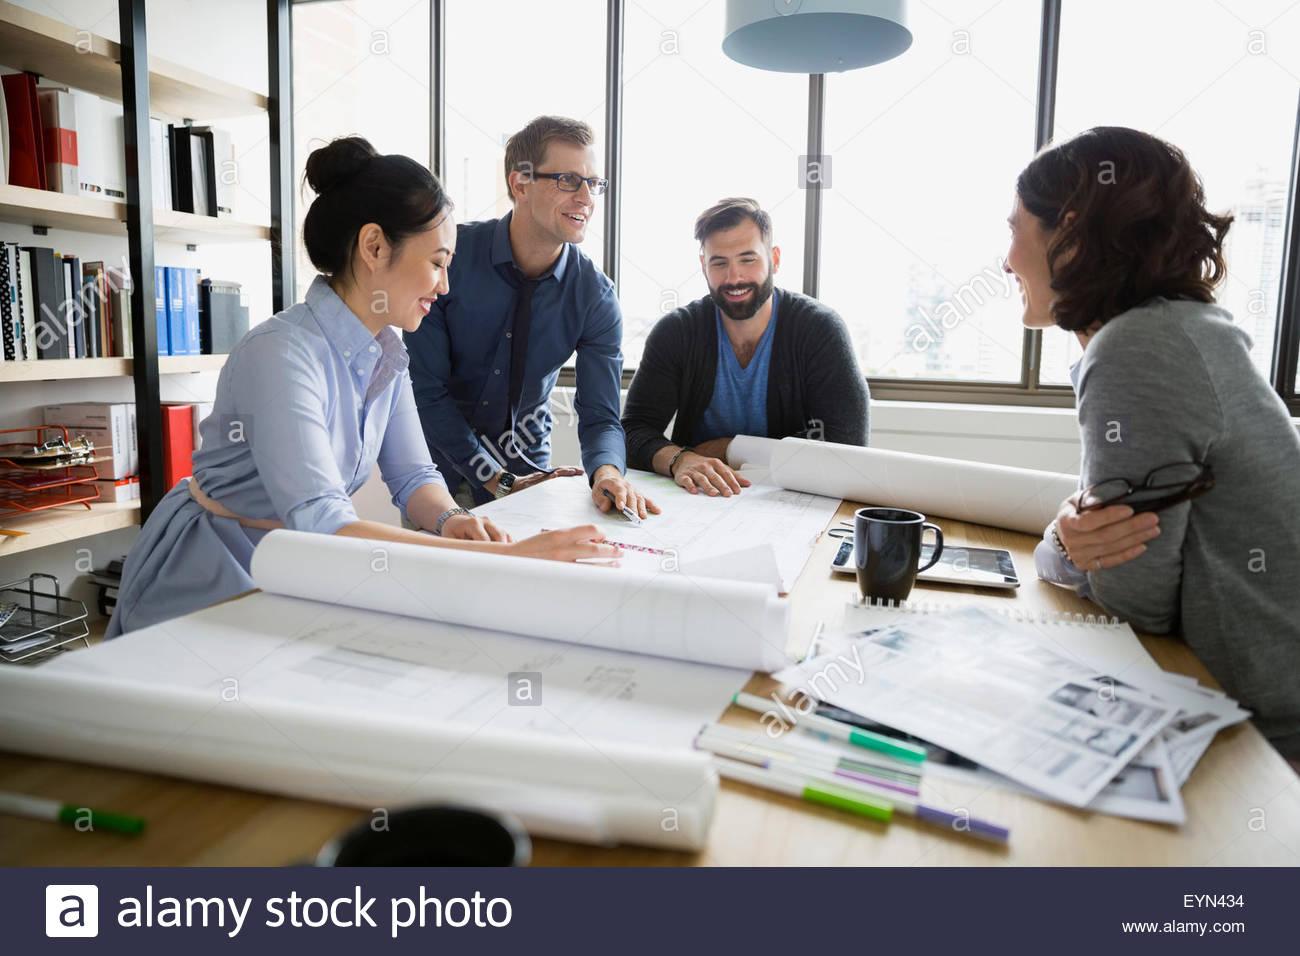 Reunión de arquitectos y revisión de planos en la oficina Imagen De Stock